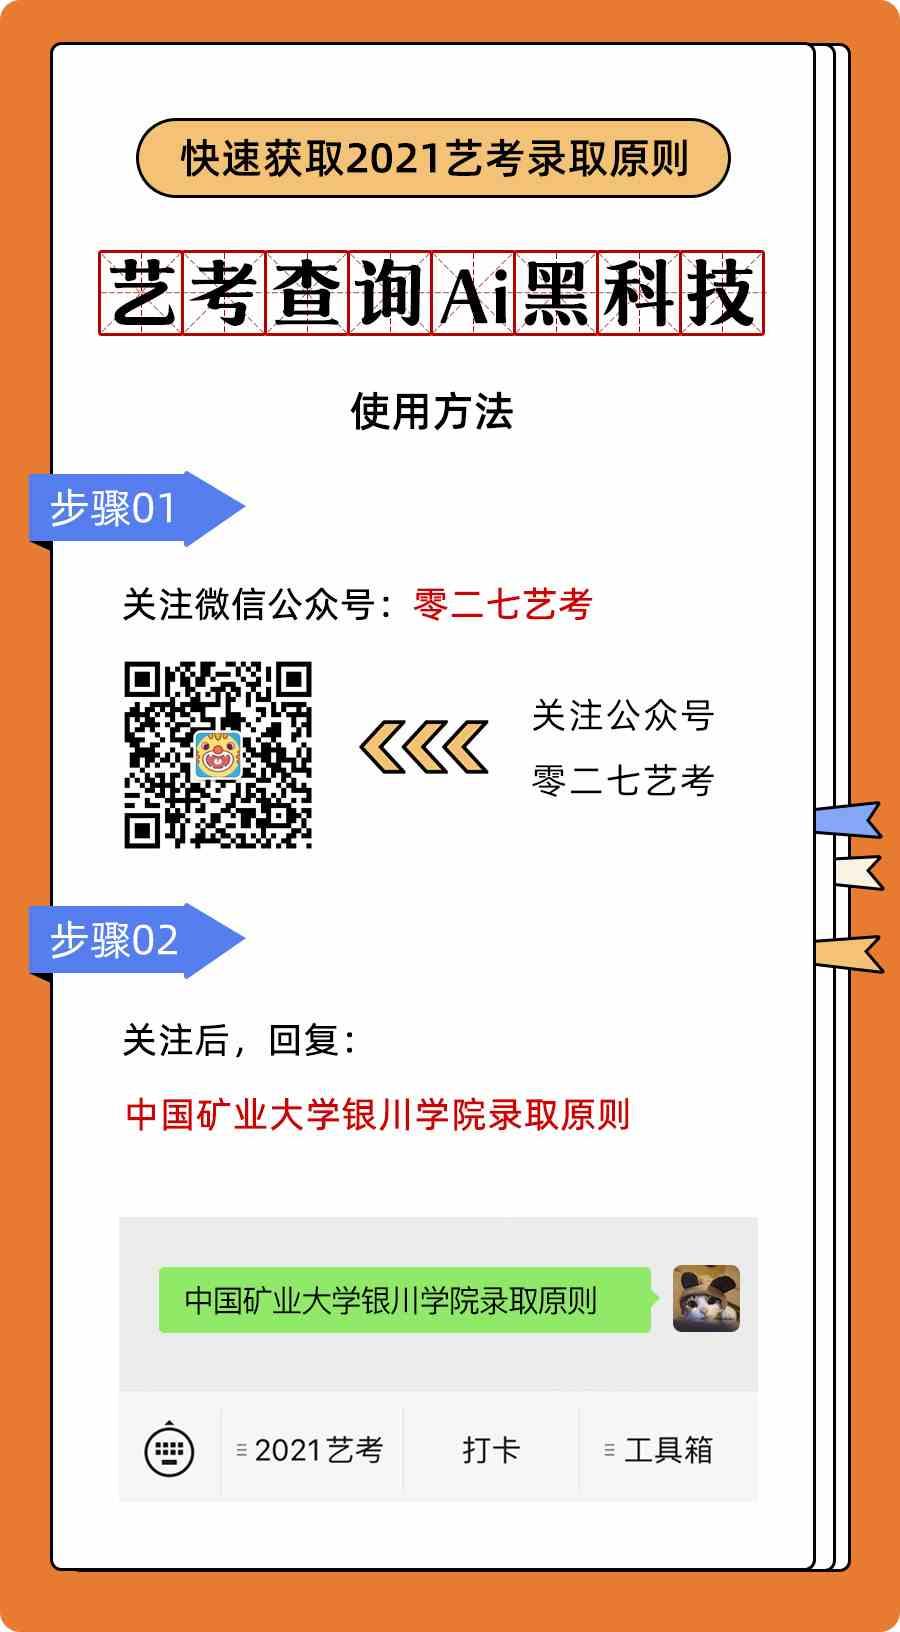 中国矿业大学银川学院2021年艺术类录取原则